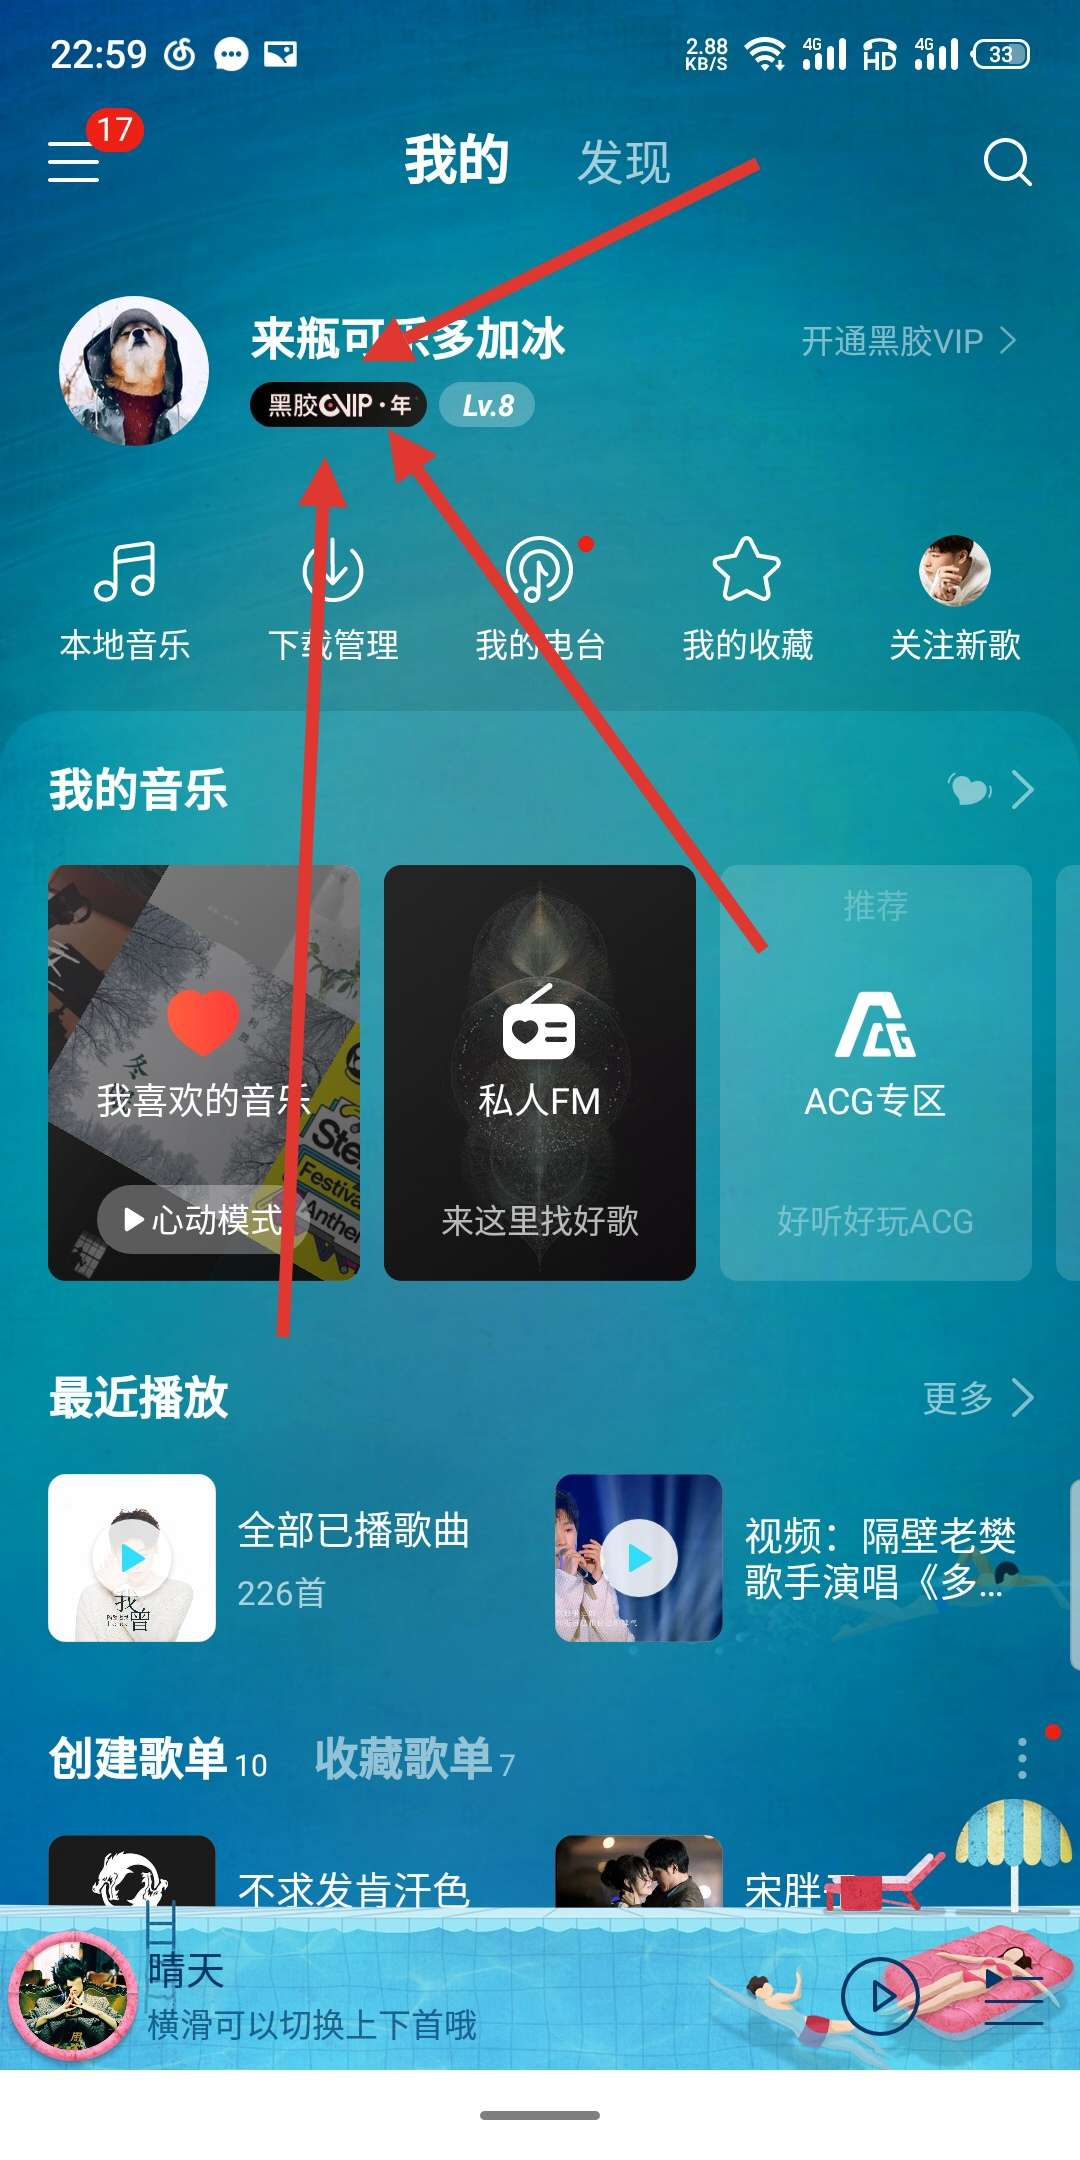 【分享】网易云_黑椒终极版_999.99.9破解黑椒会员功能